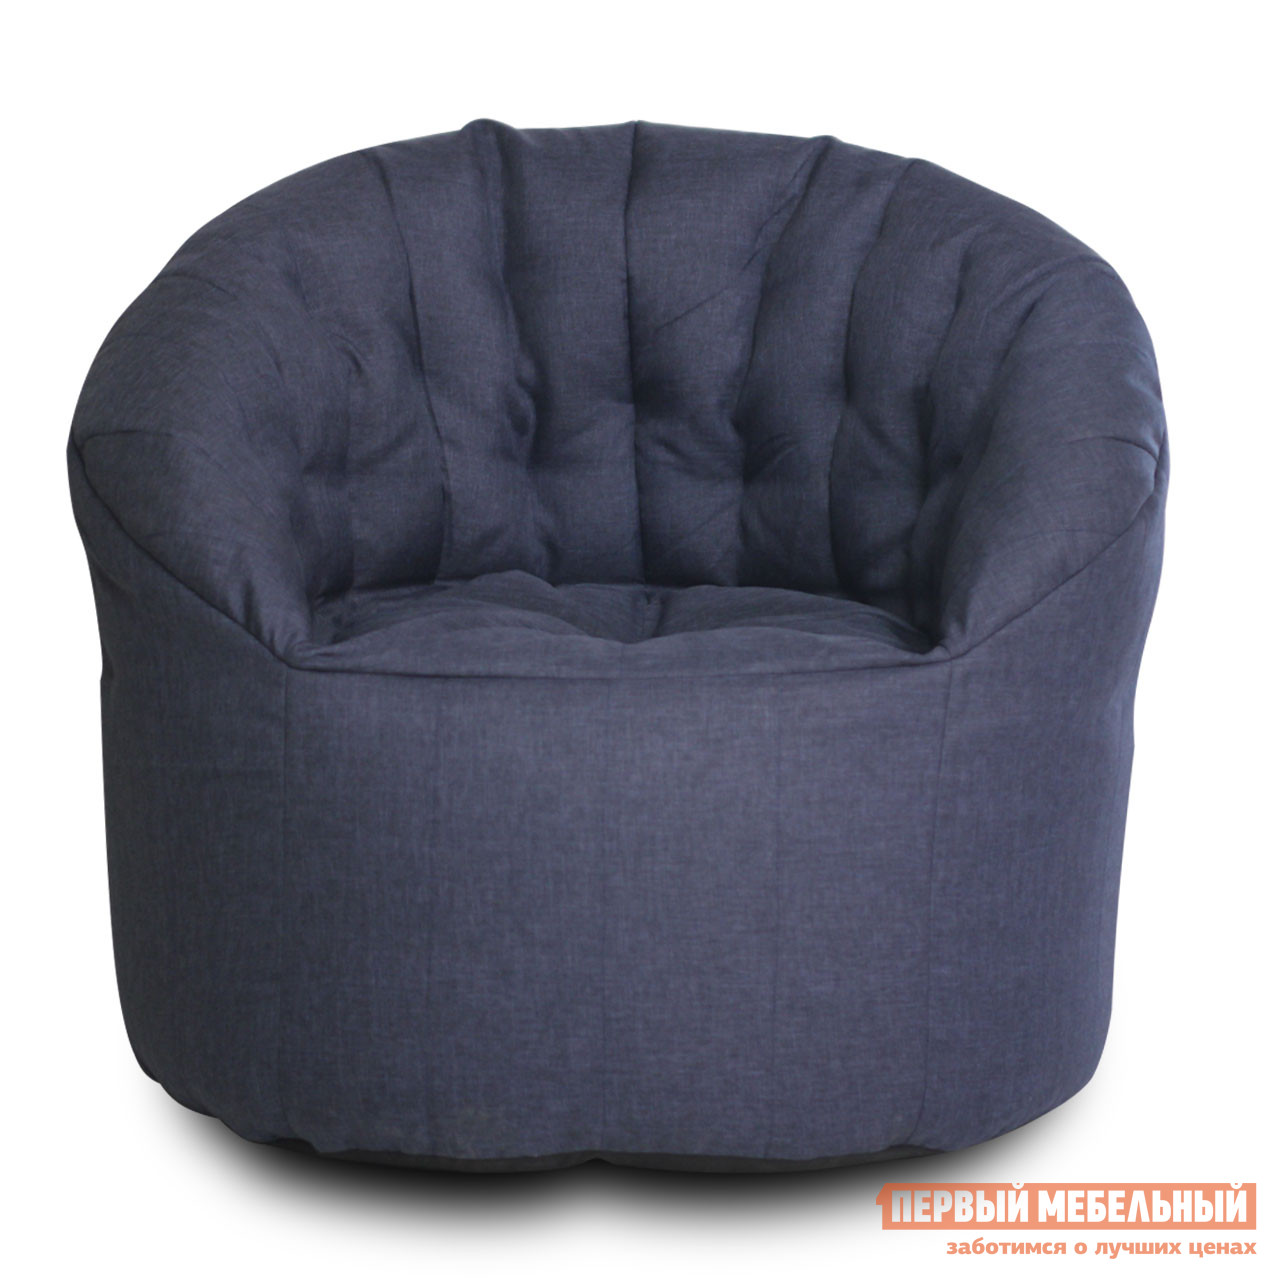 Кресла от Купистол